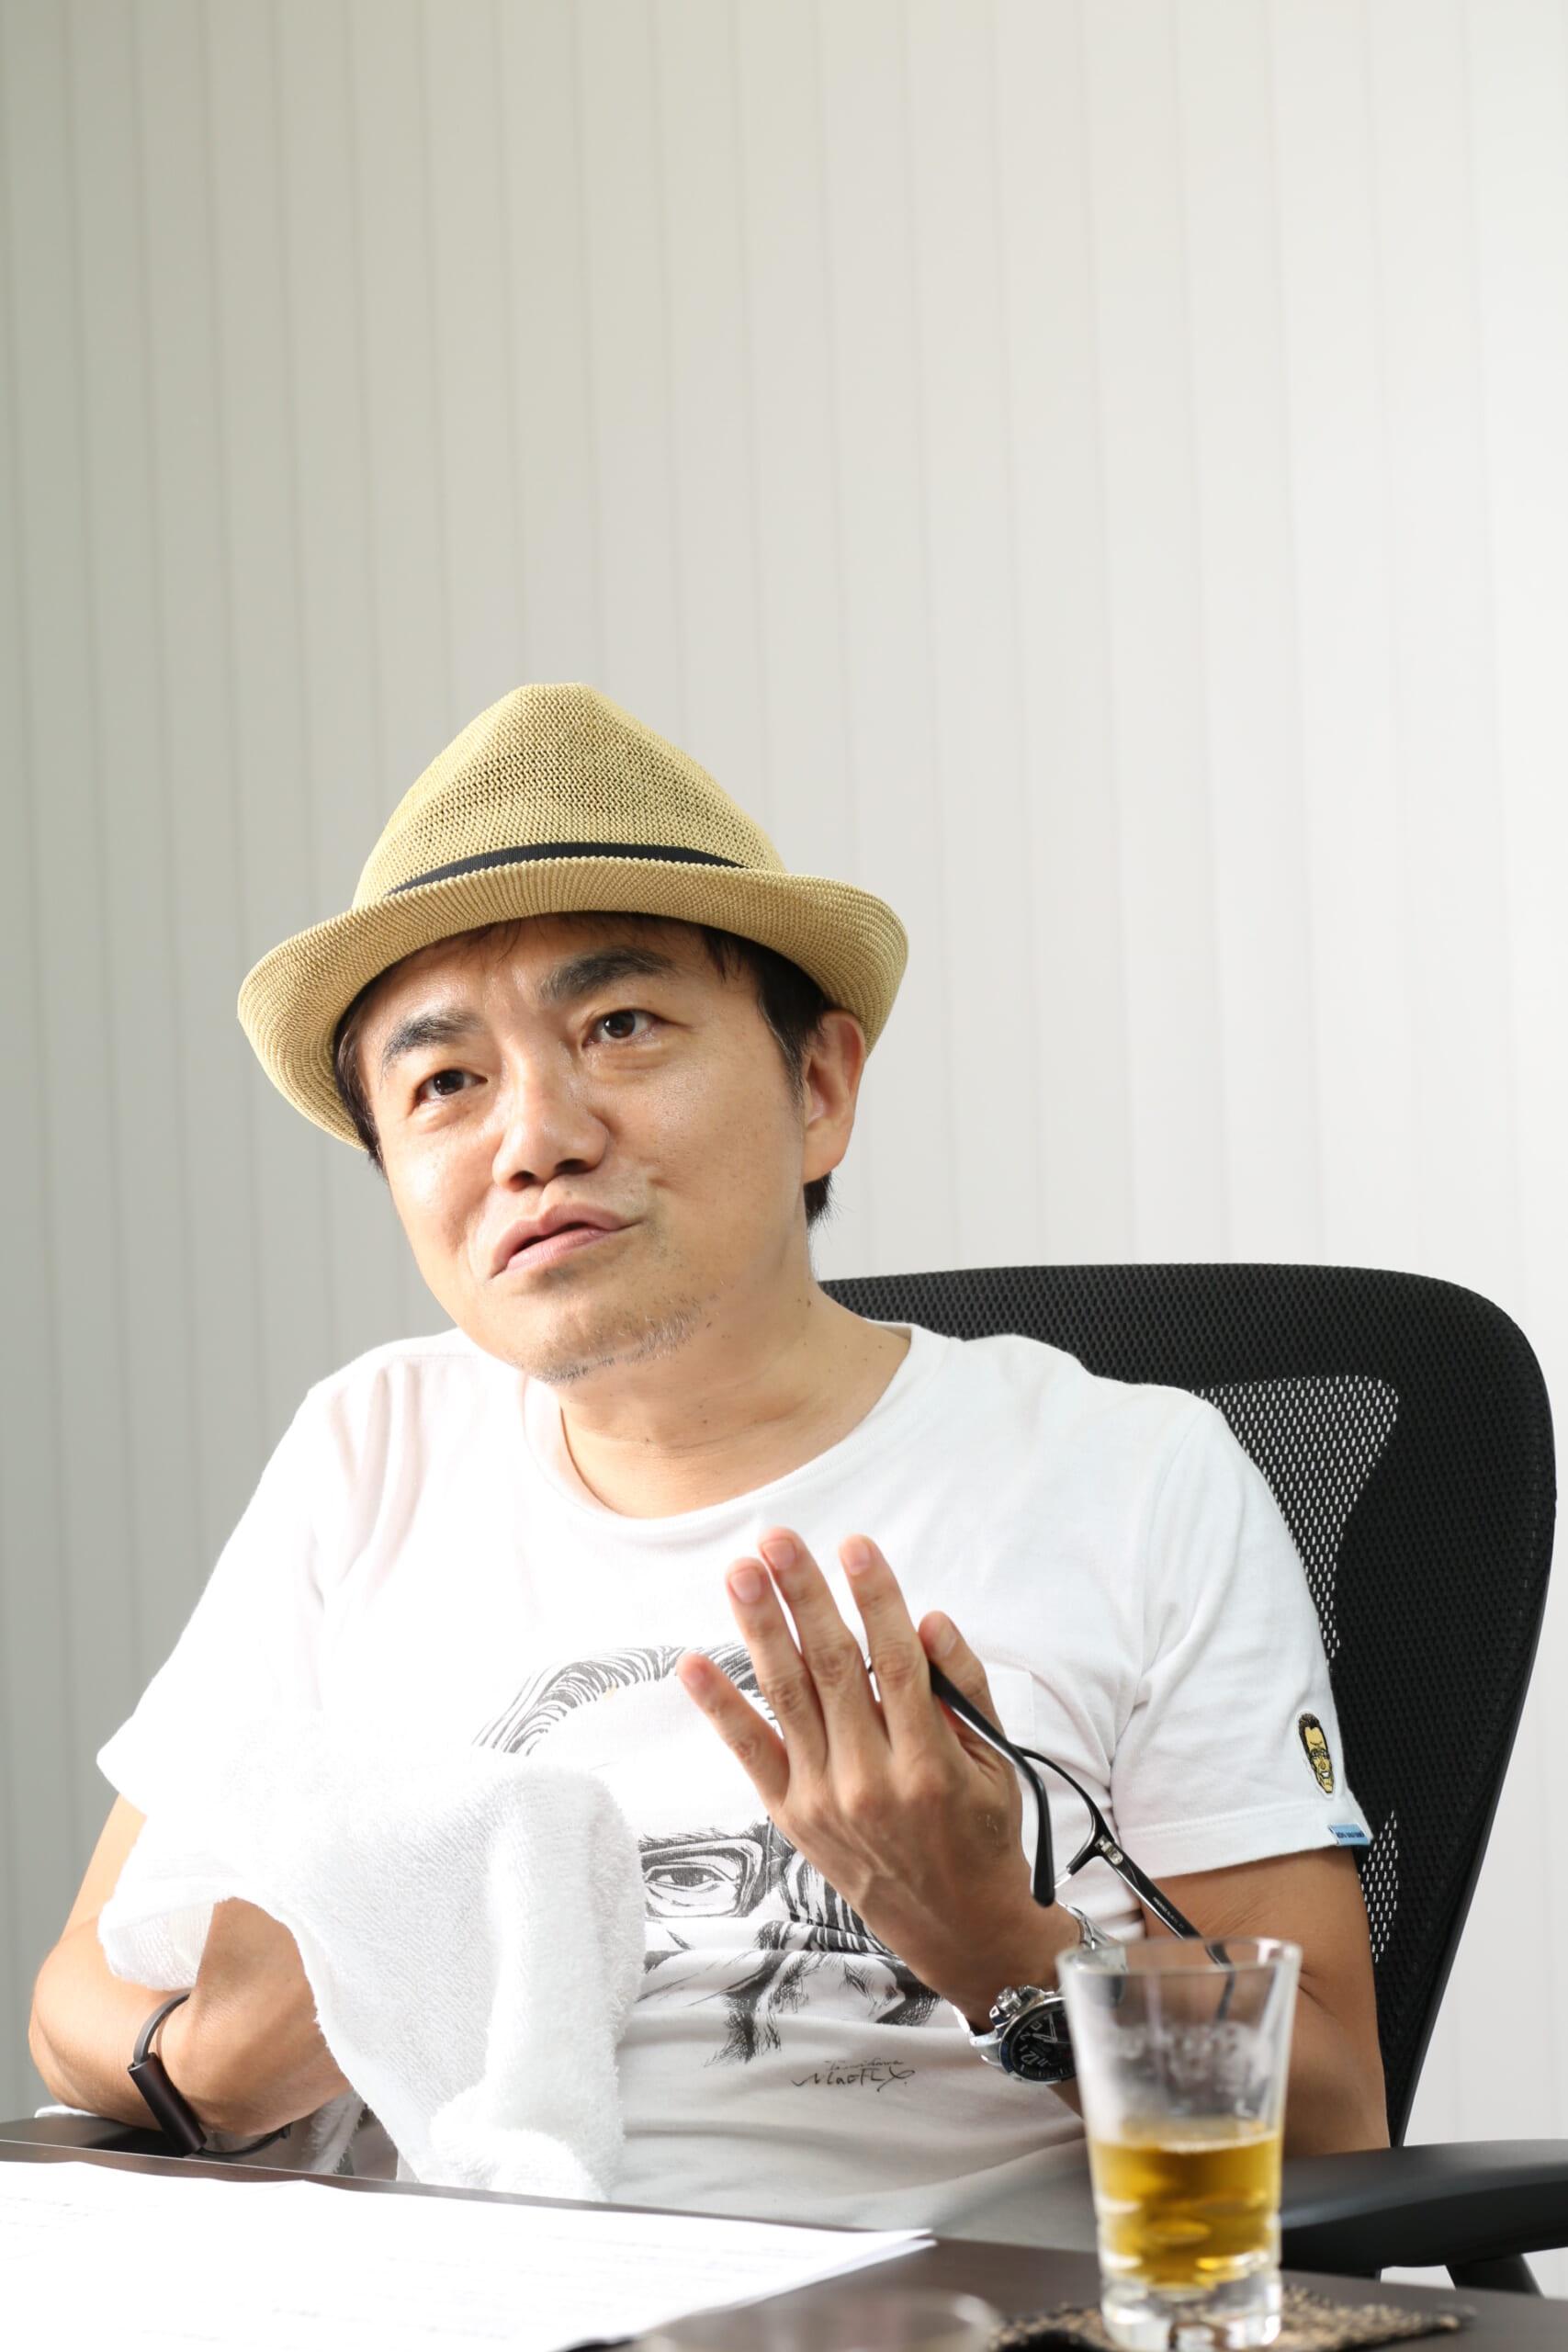 """水道橋博士 オリラジ・あっちゃんの""""ザ正論""""の危うさを指摘"""